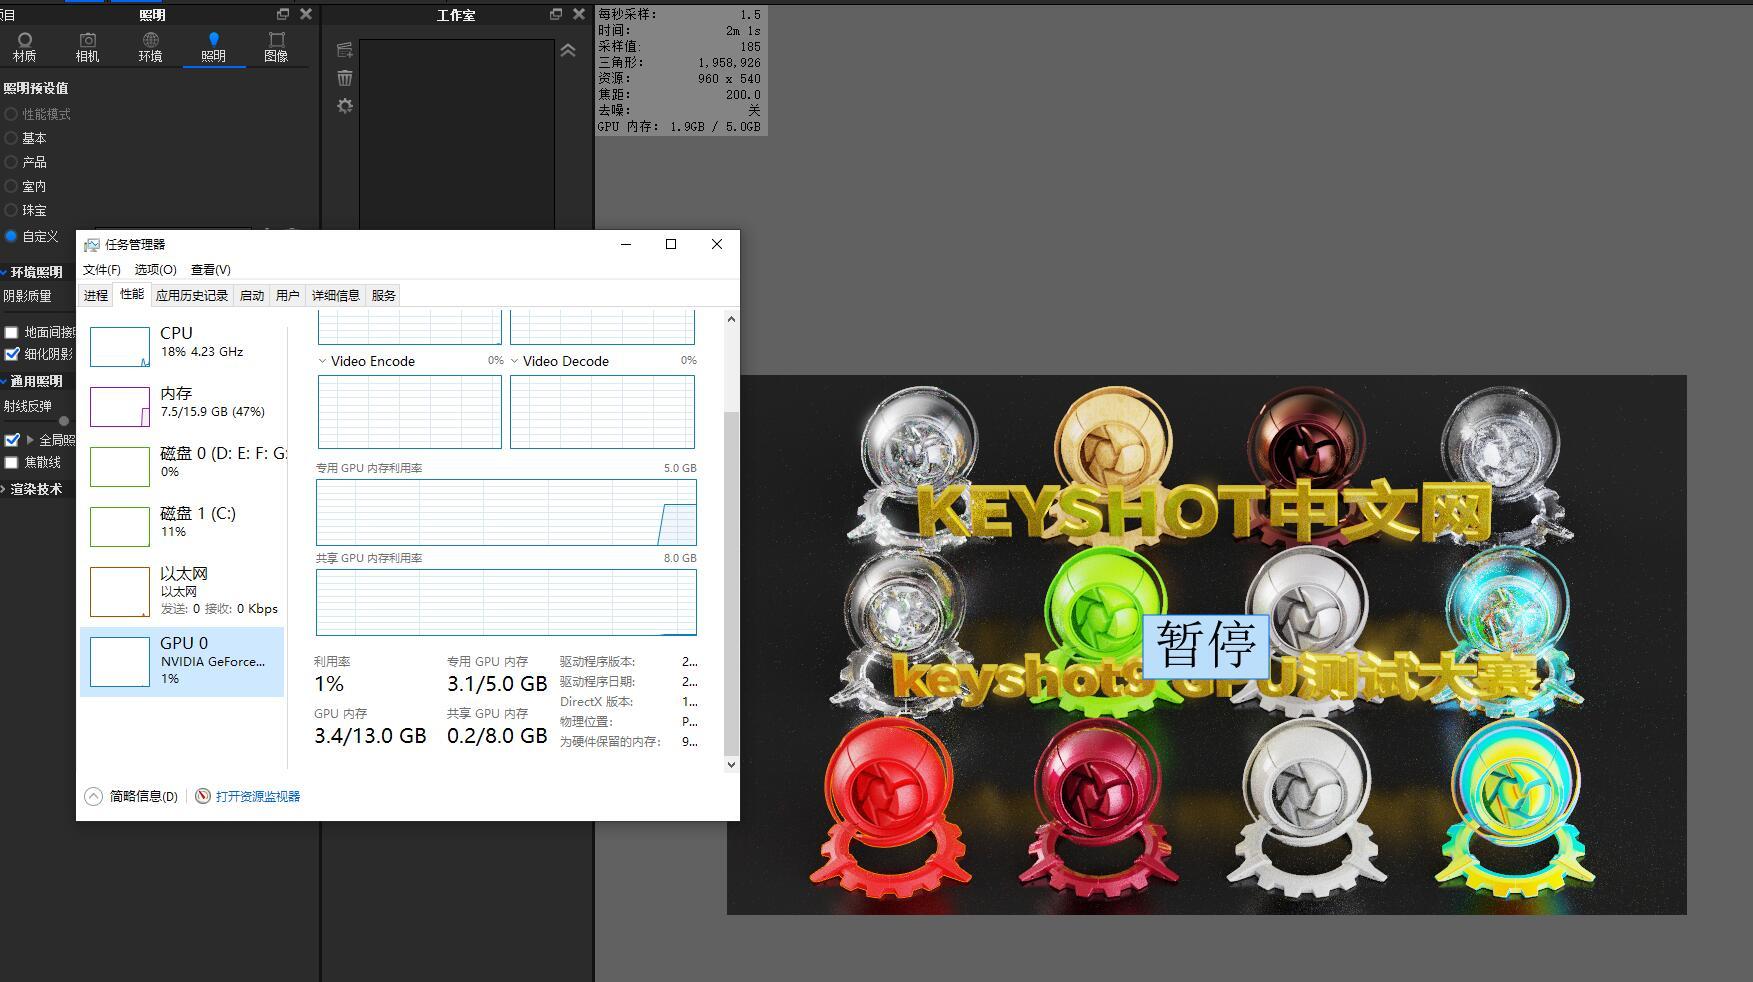 keyshot9—i7 8700+1060 5G评测